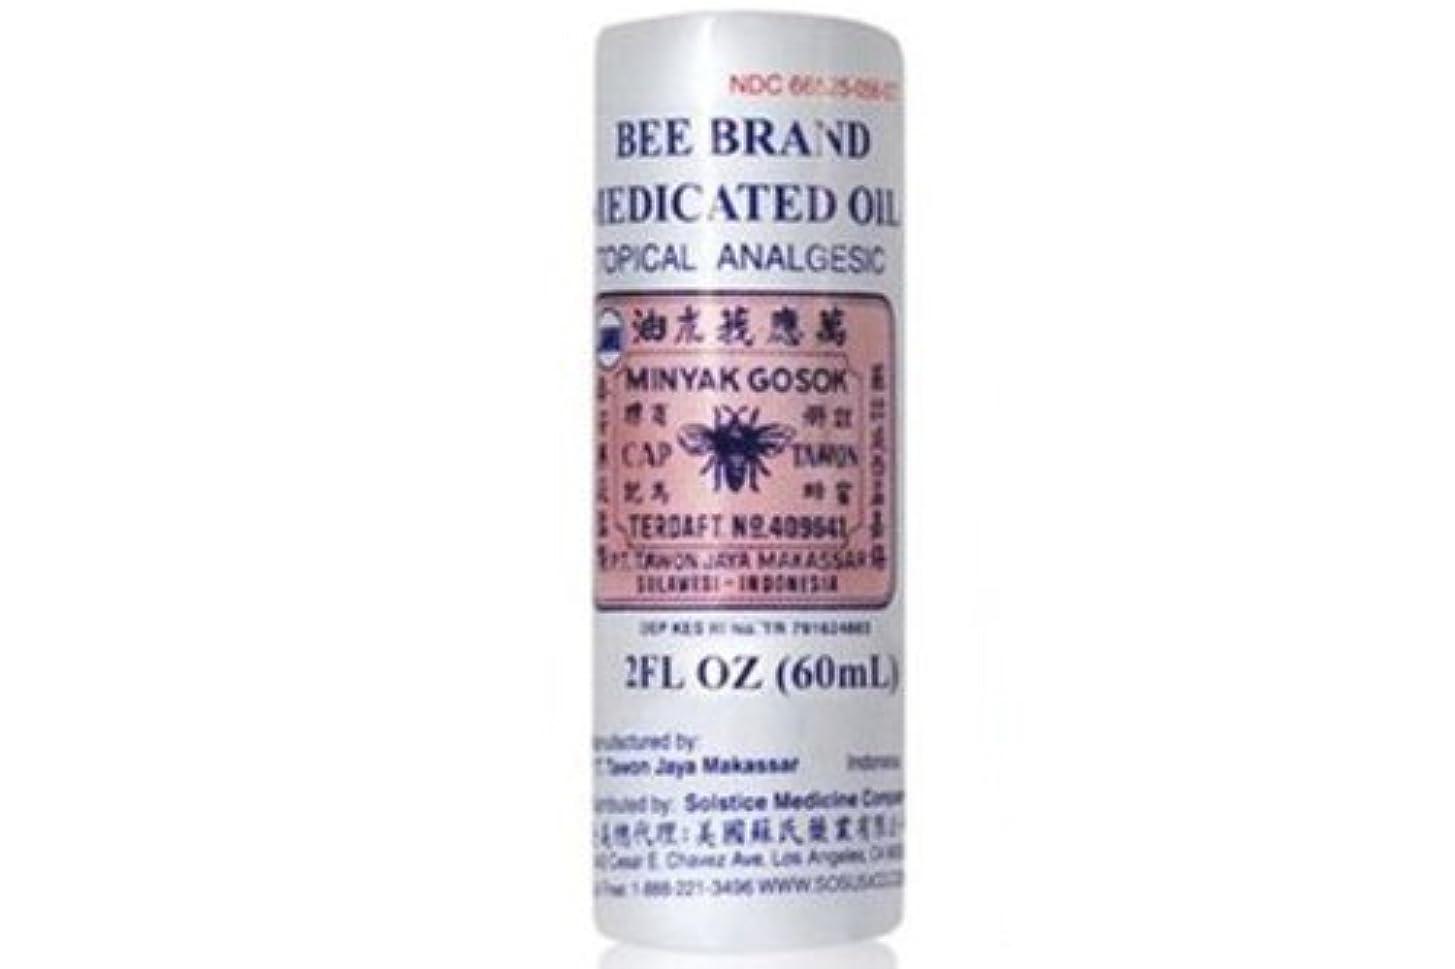 検索エンジン最適化失敗疎外するBee 薬用オイル(minyak gosokキャップtawon) - ビーにより、2オンス